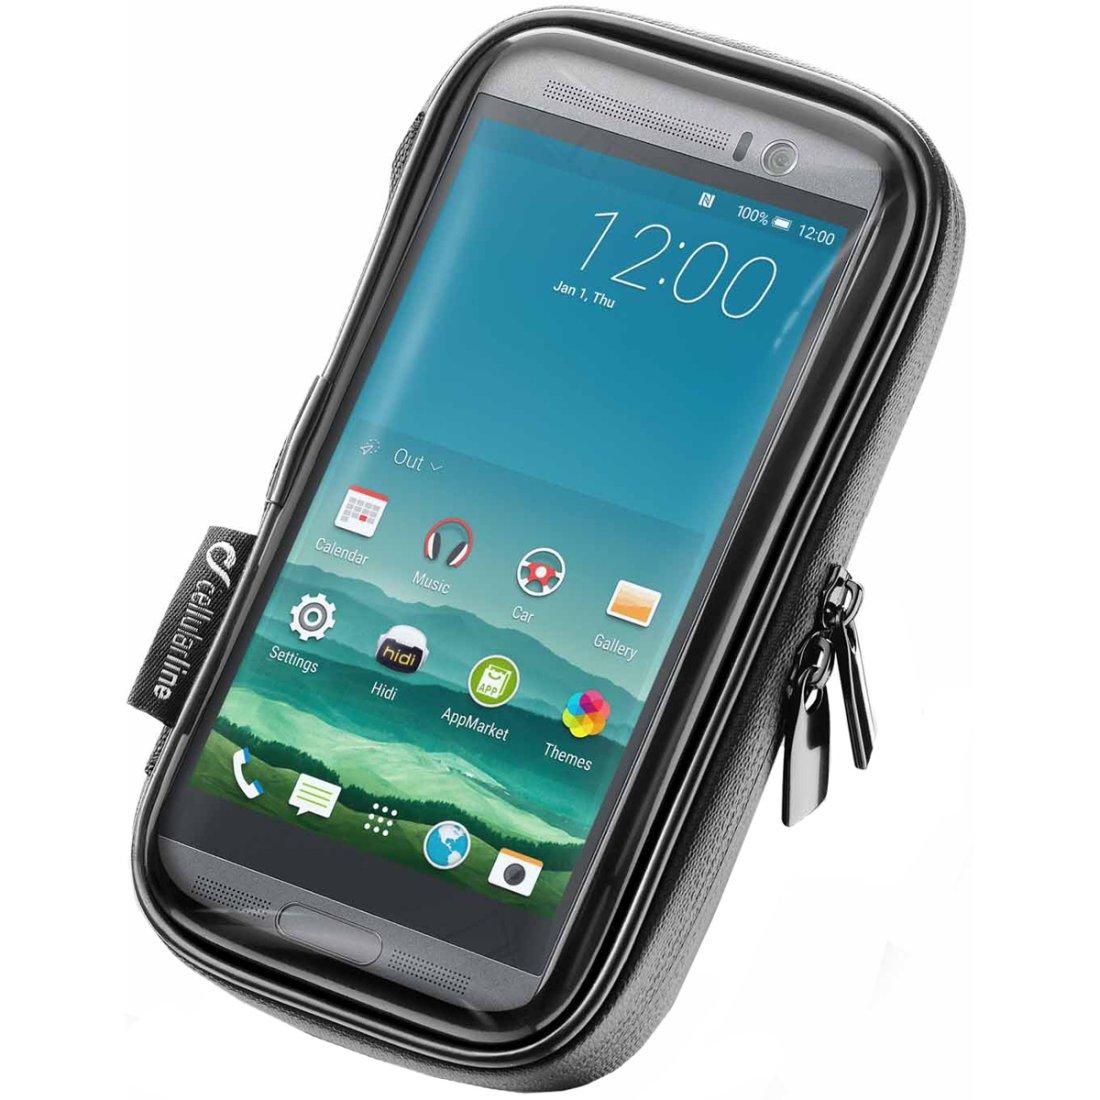 Suporte de Telefone Para Moto Universal Uni Case Holder 52 (Cellularline)  - Nova Suzuki Motos e Acessórios